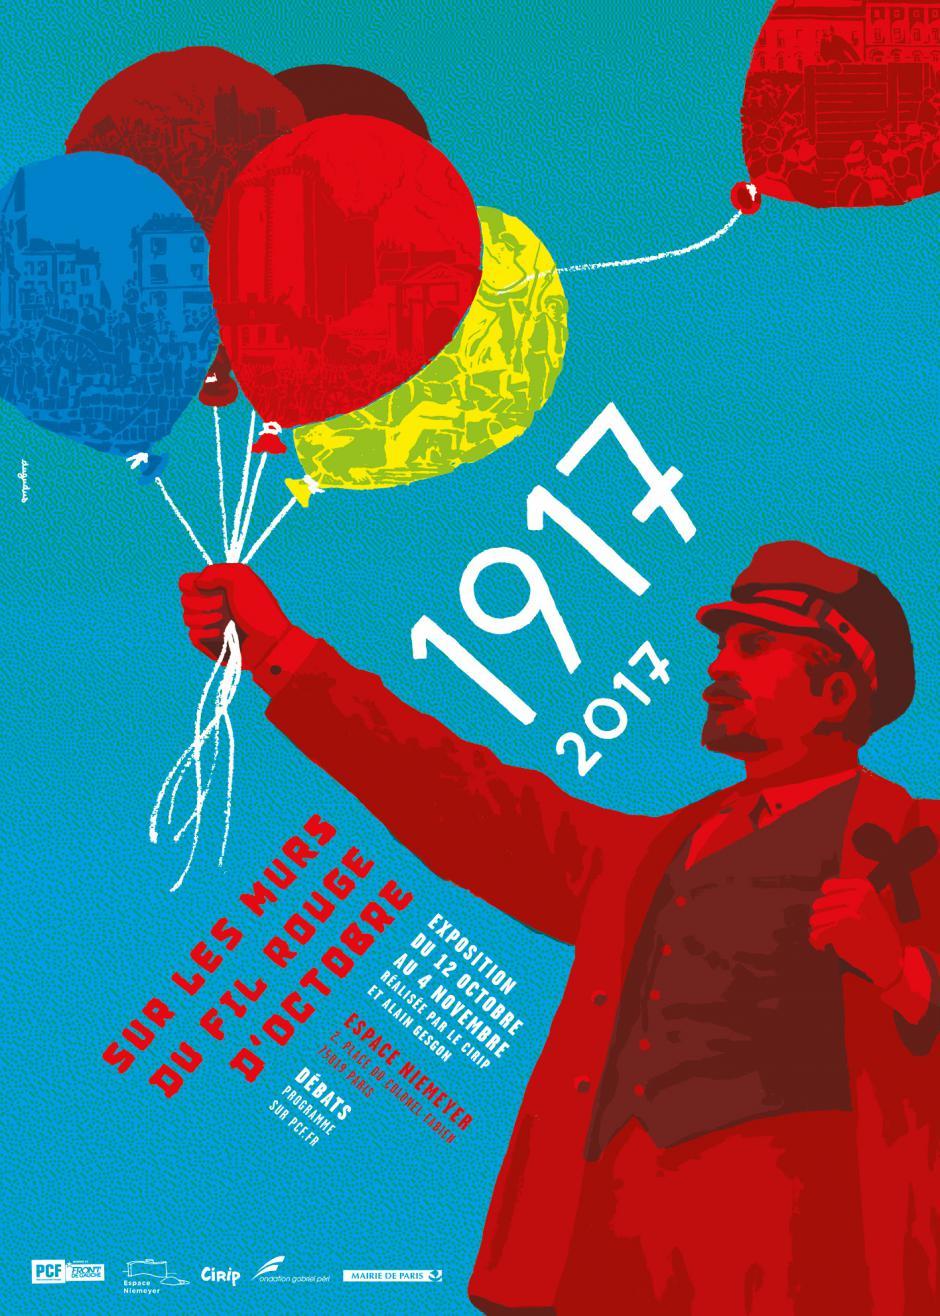 RÊVOLUTIONS - initiative  du PCF à l'occasion du Centenaire de la Révolution d'Octobre 1917